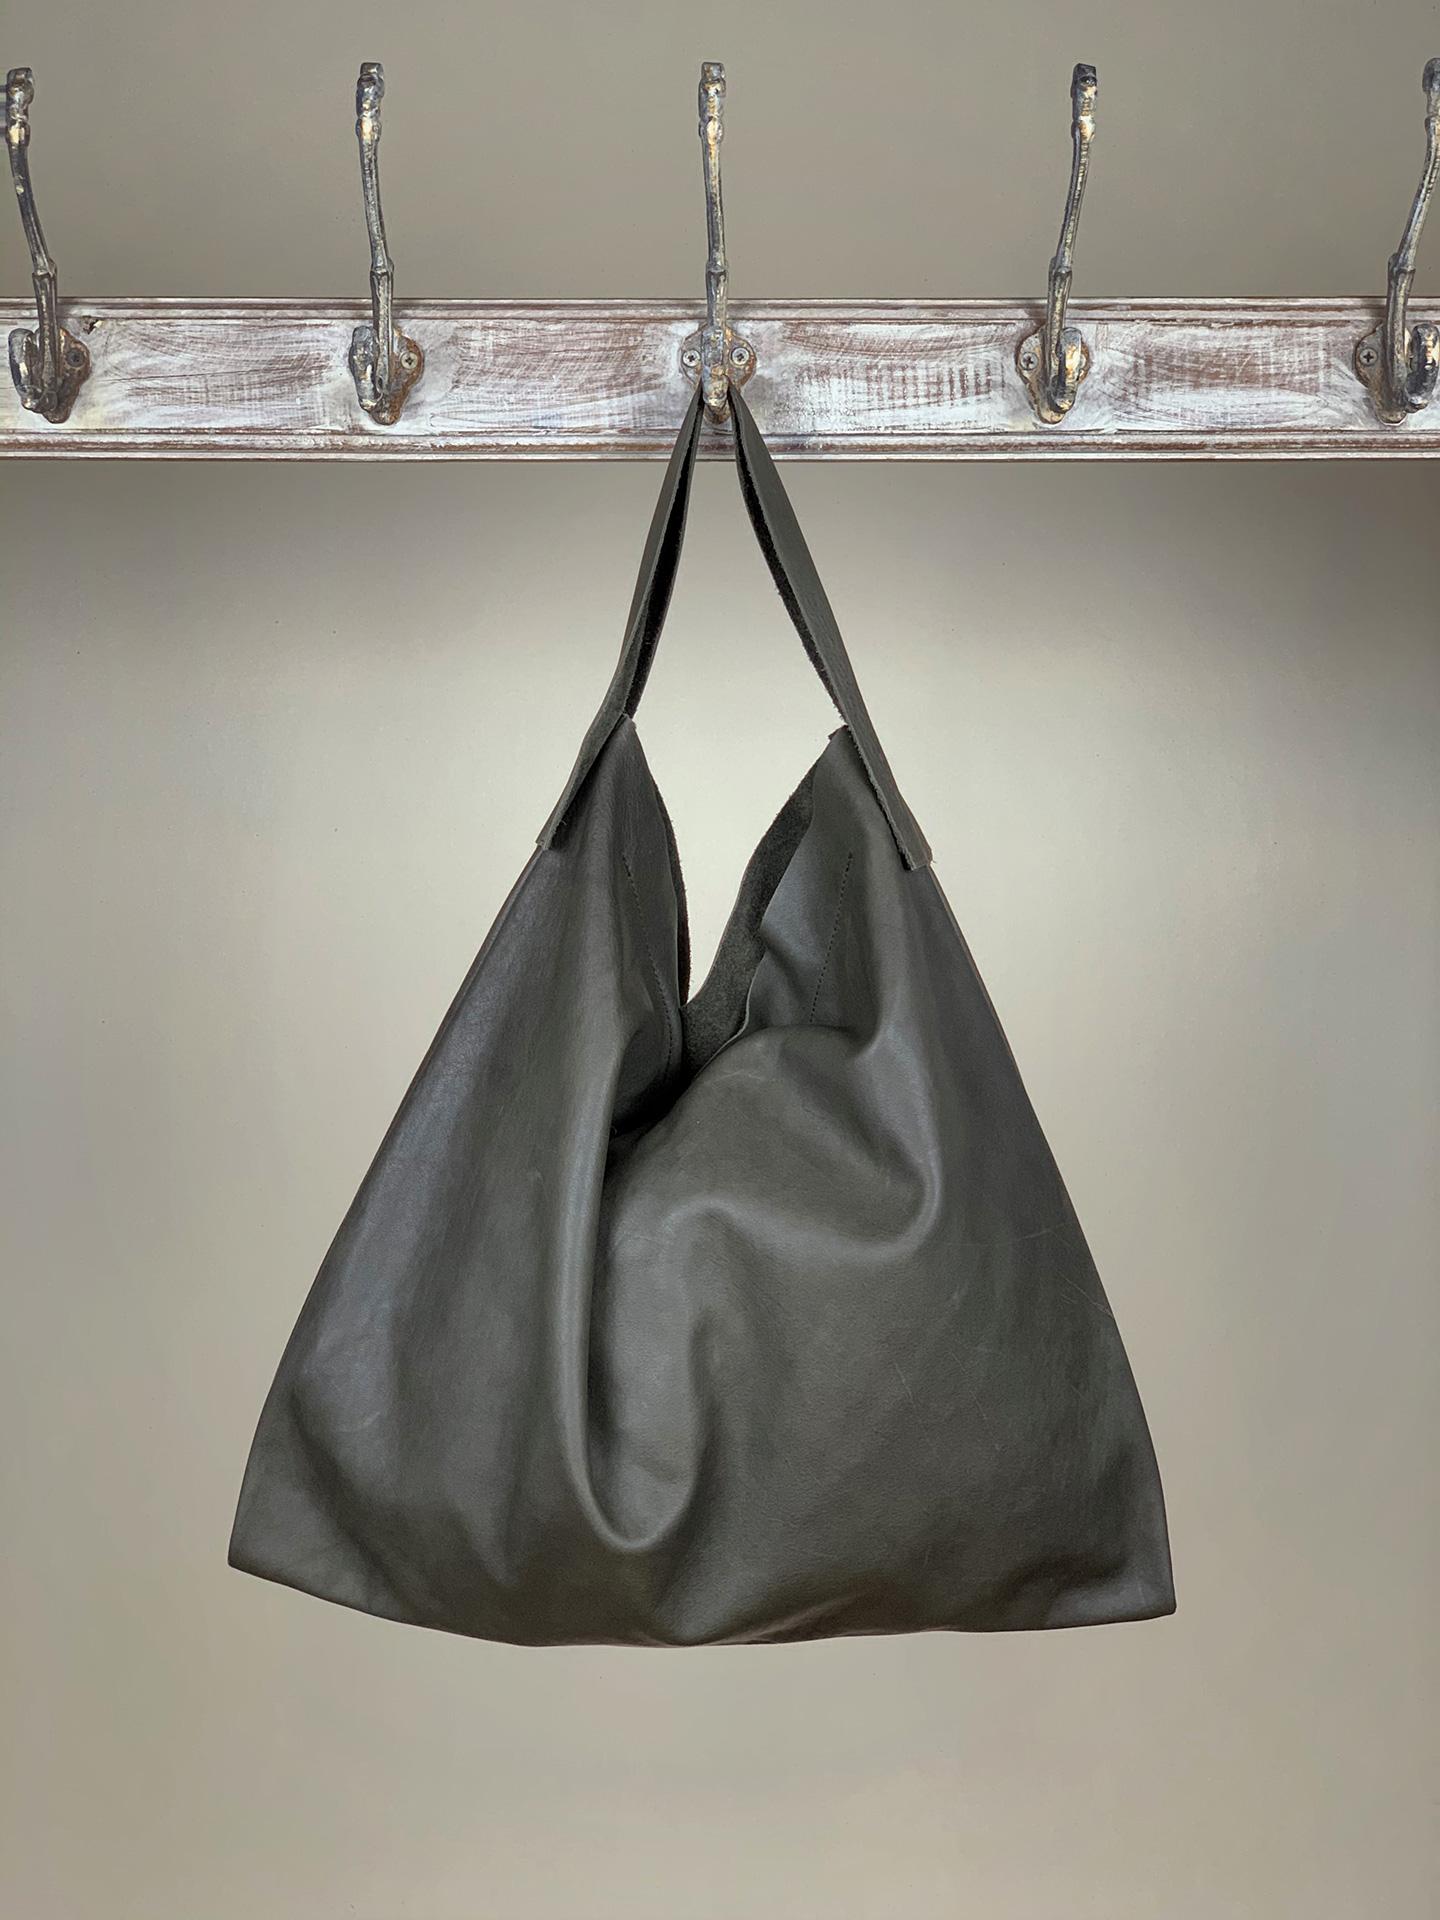 Damen-Handtasche Leder anthrazit